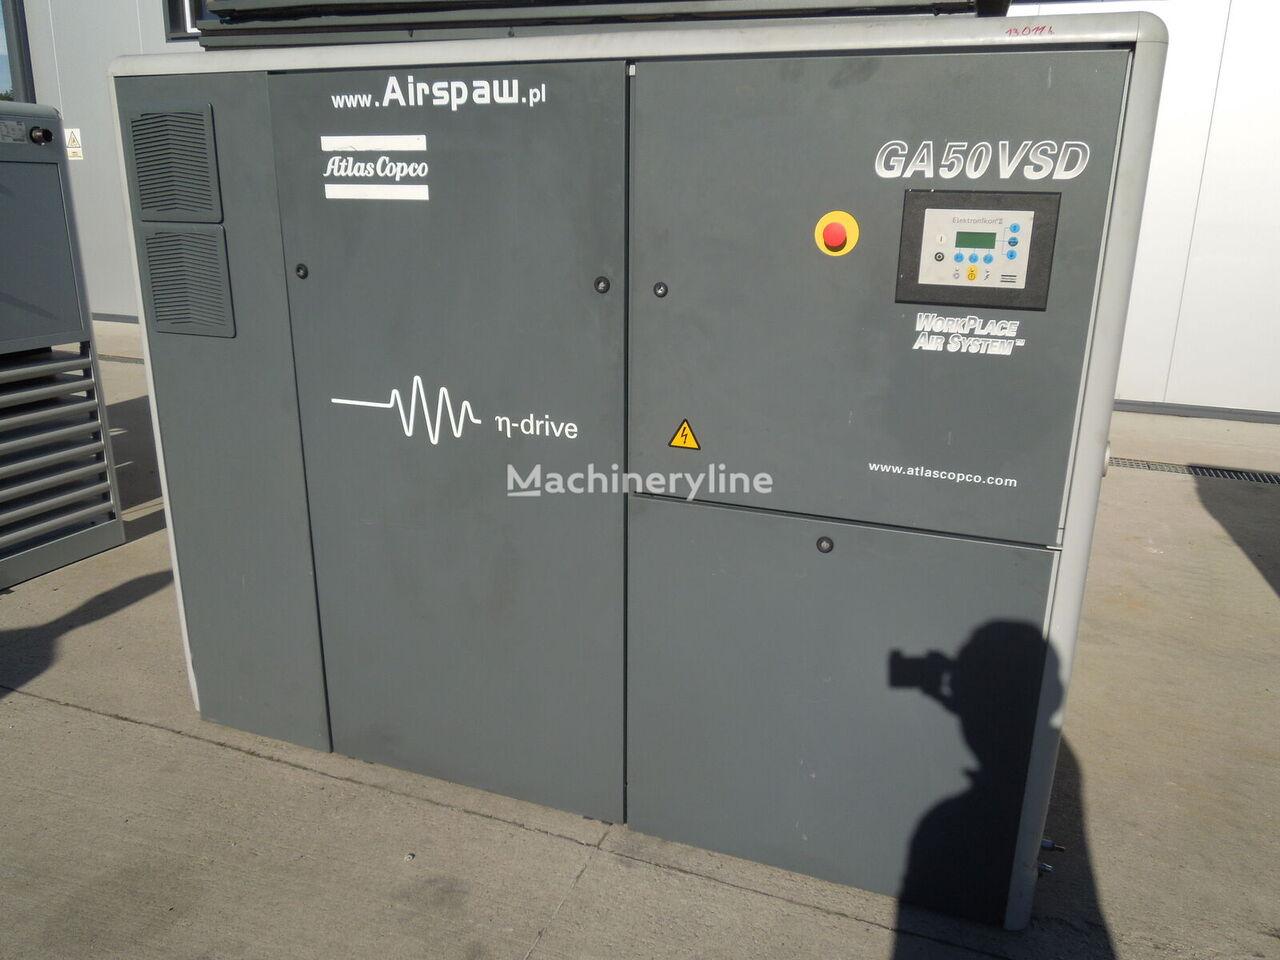 Atlas Copco GA50VSD compressor